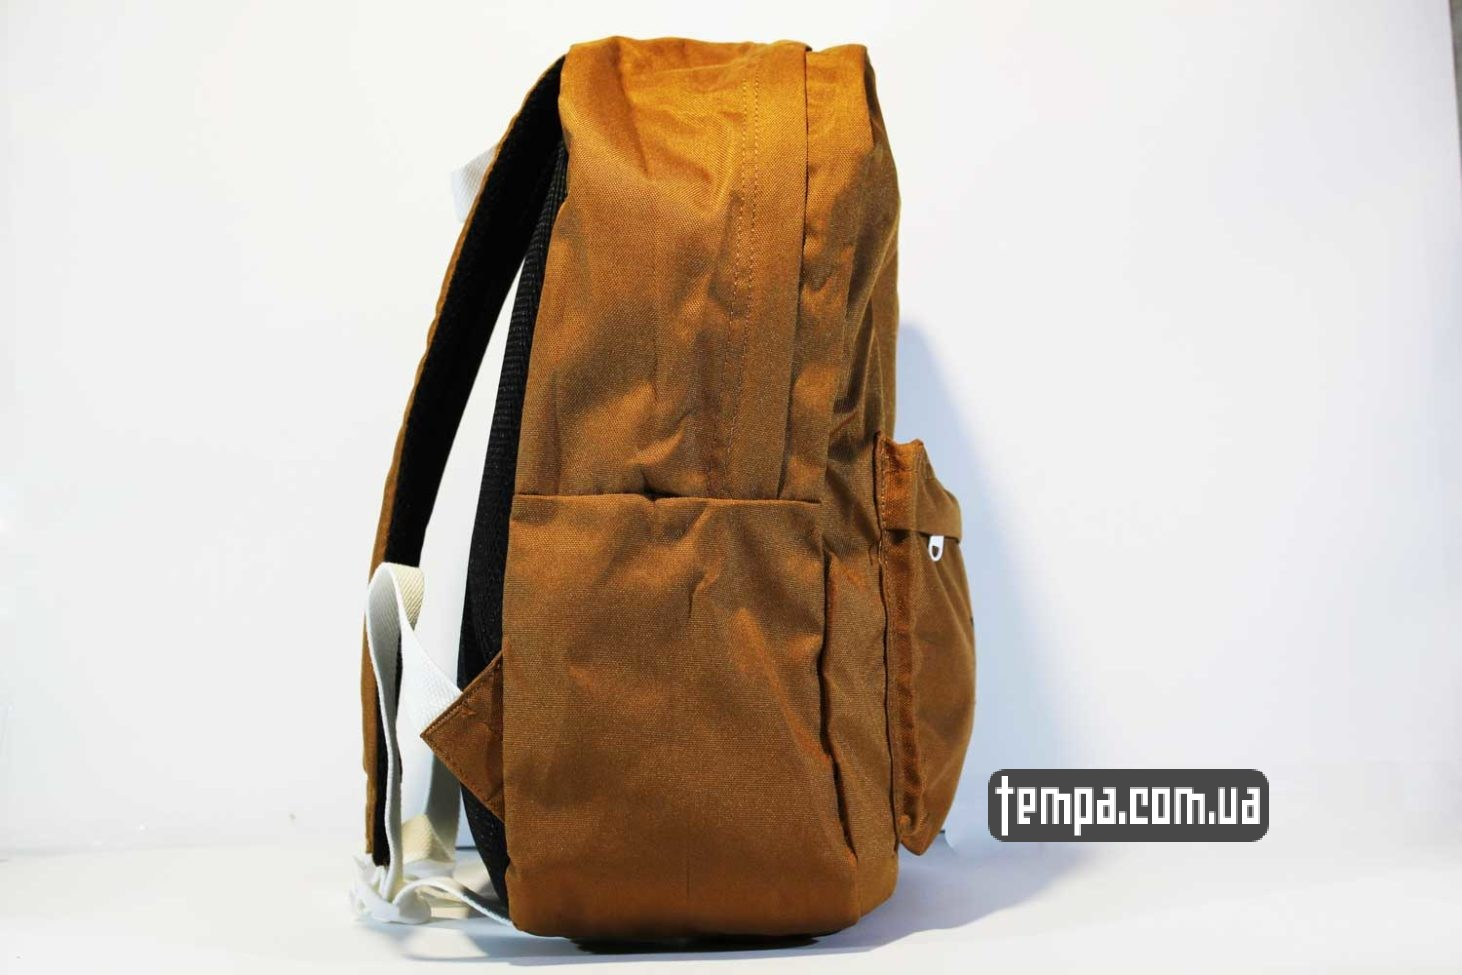 одежда купить рюкзак Carhartt коричневый купить оригинал bagpack кархартт